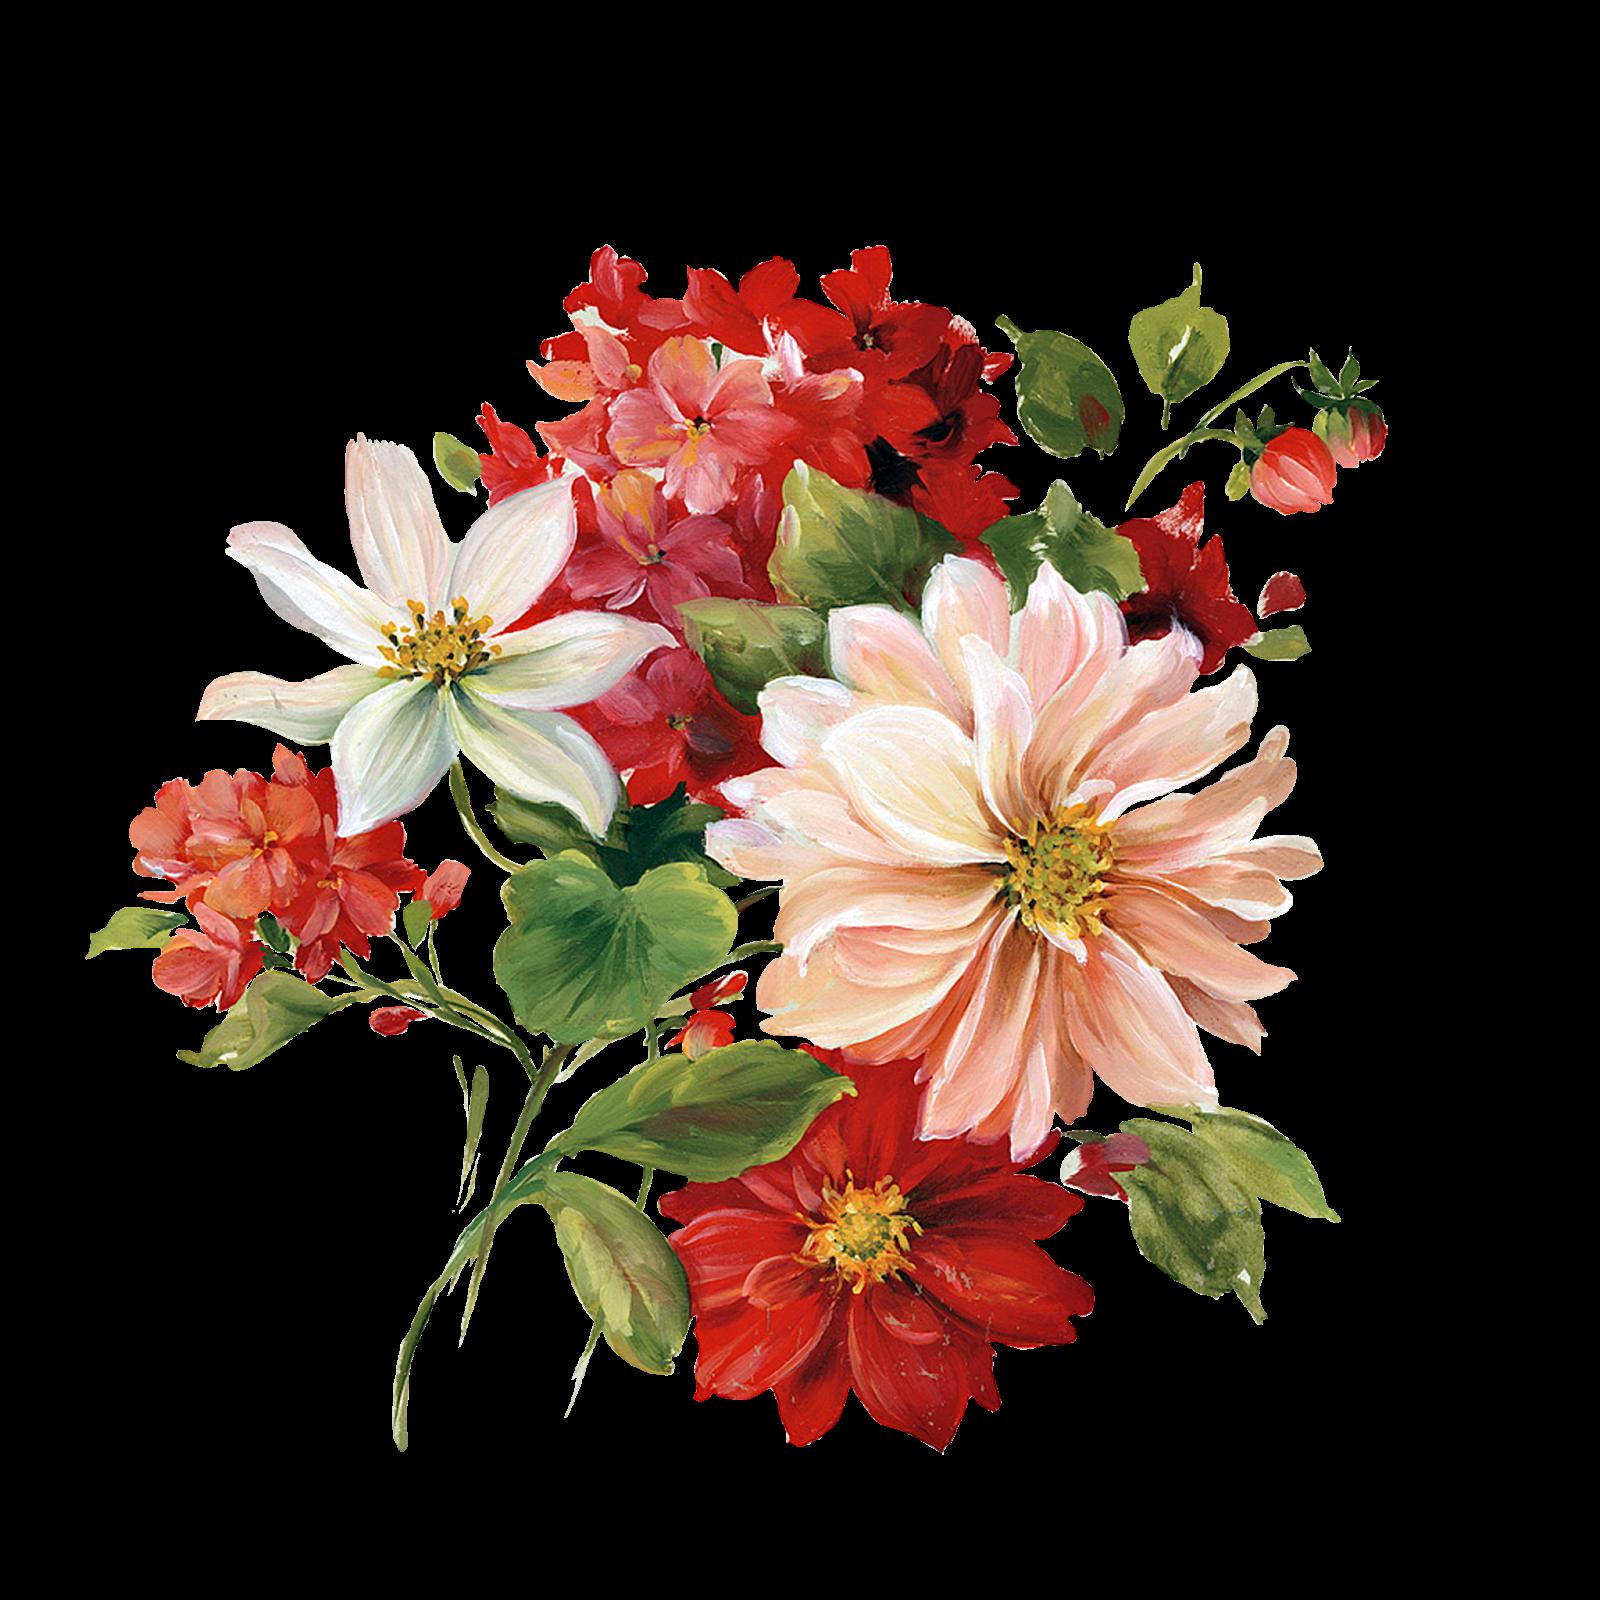 floral clipart trim